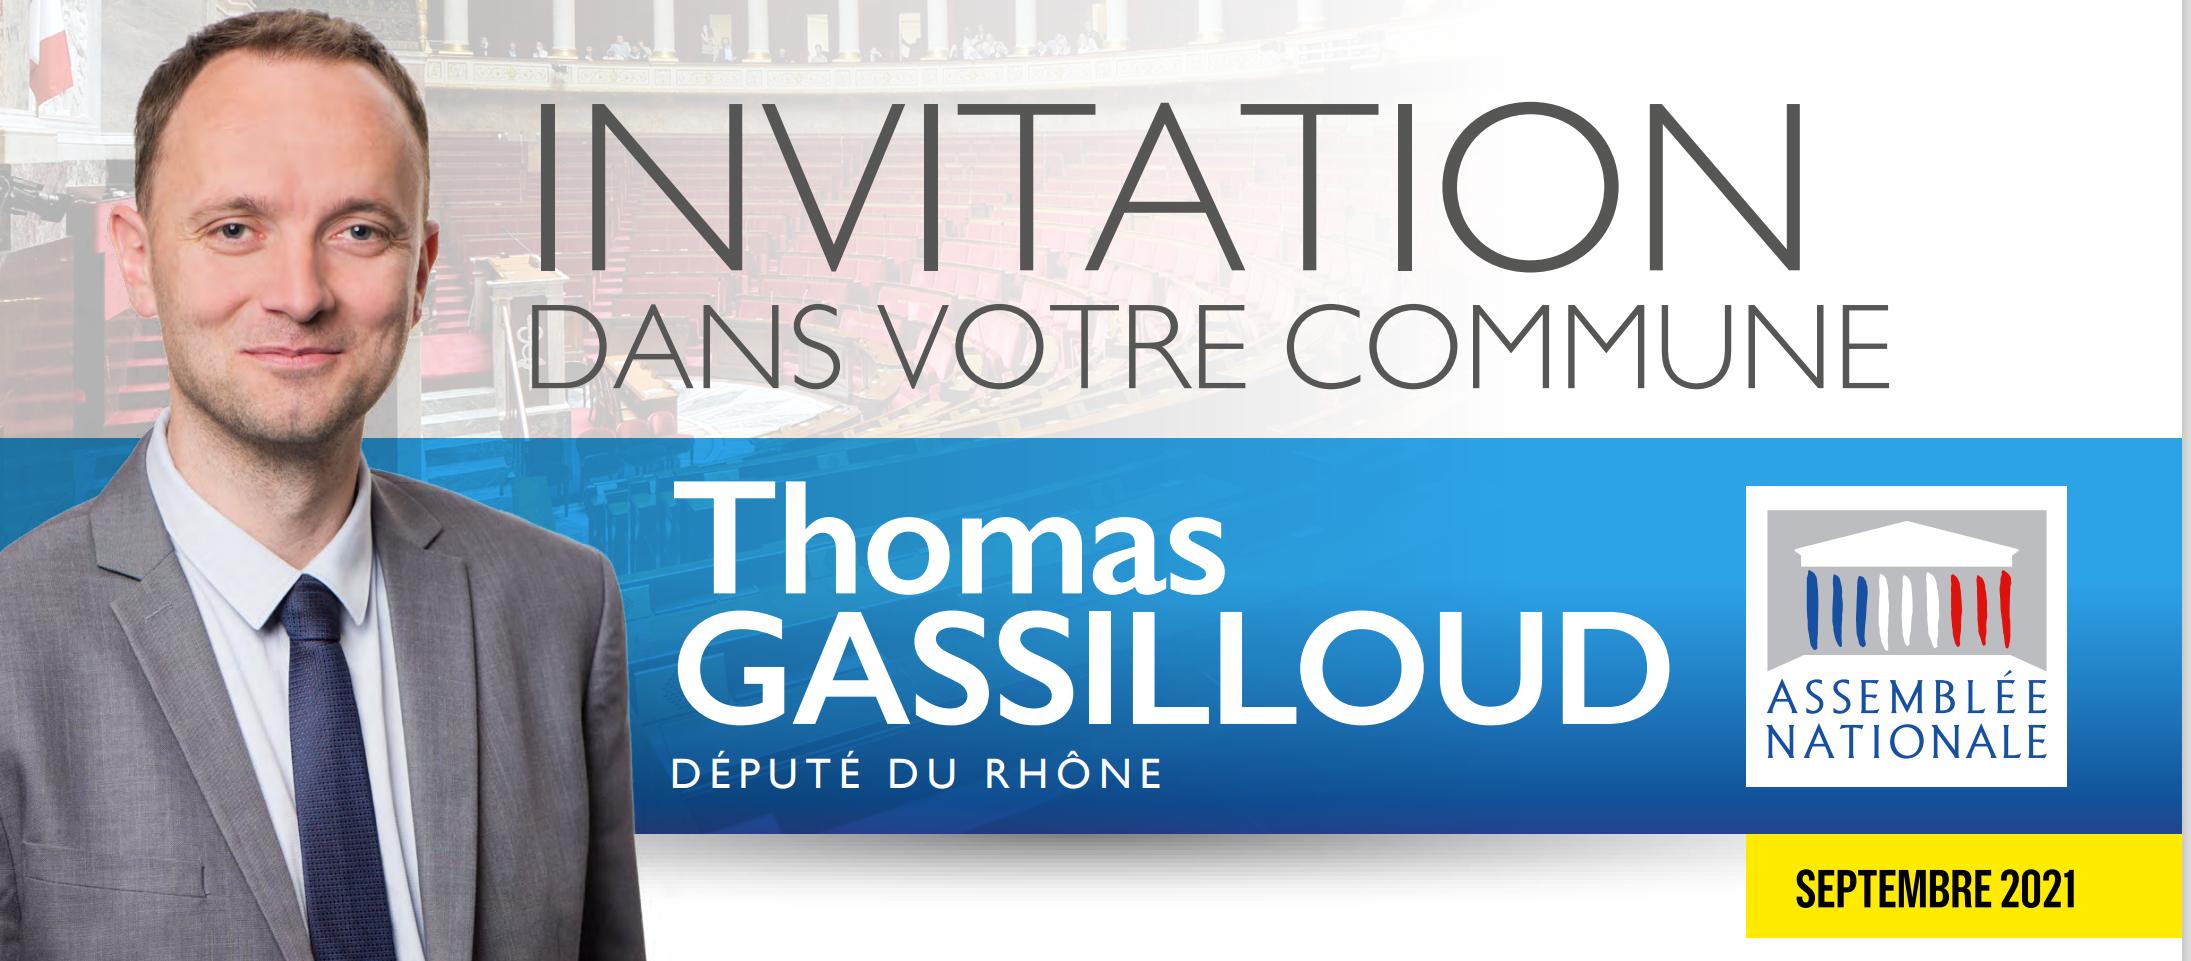 Lettre à la circonscription  (septembre 2021) –  Invitation dans votre commune